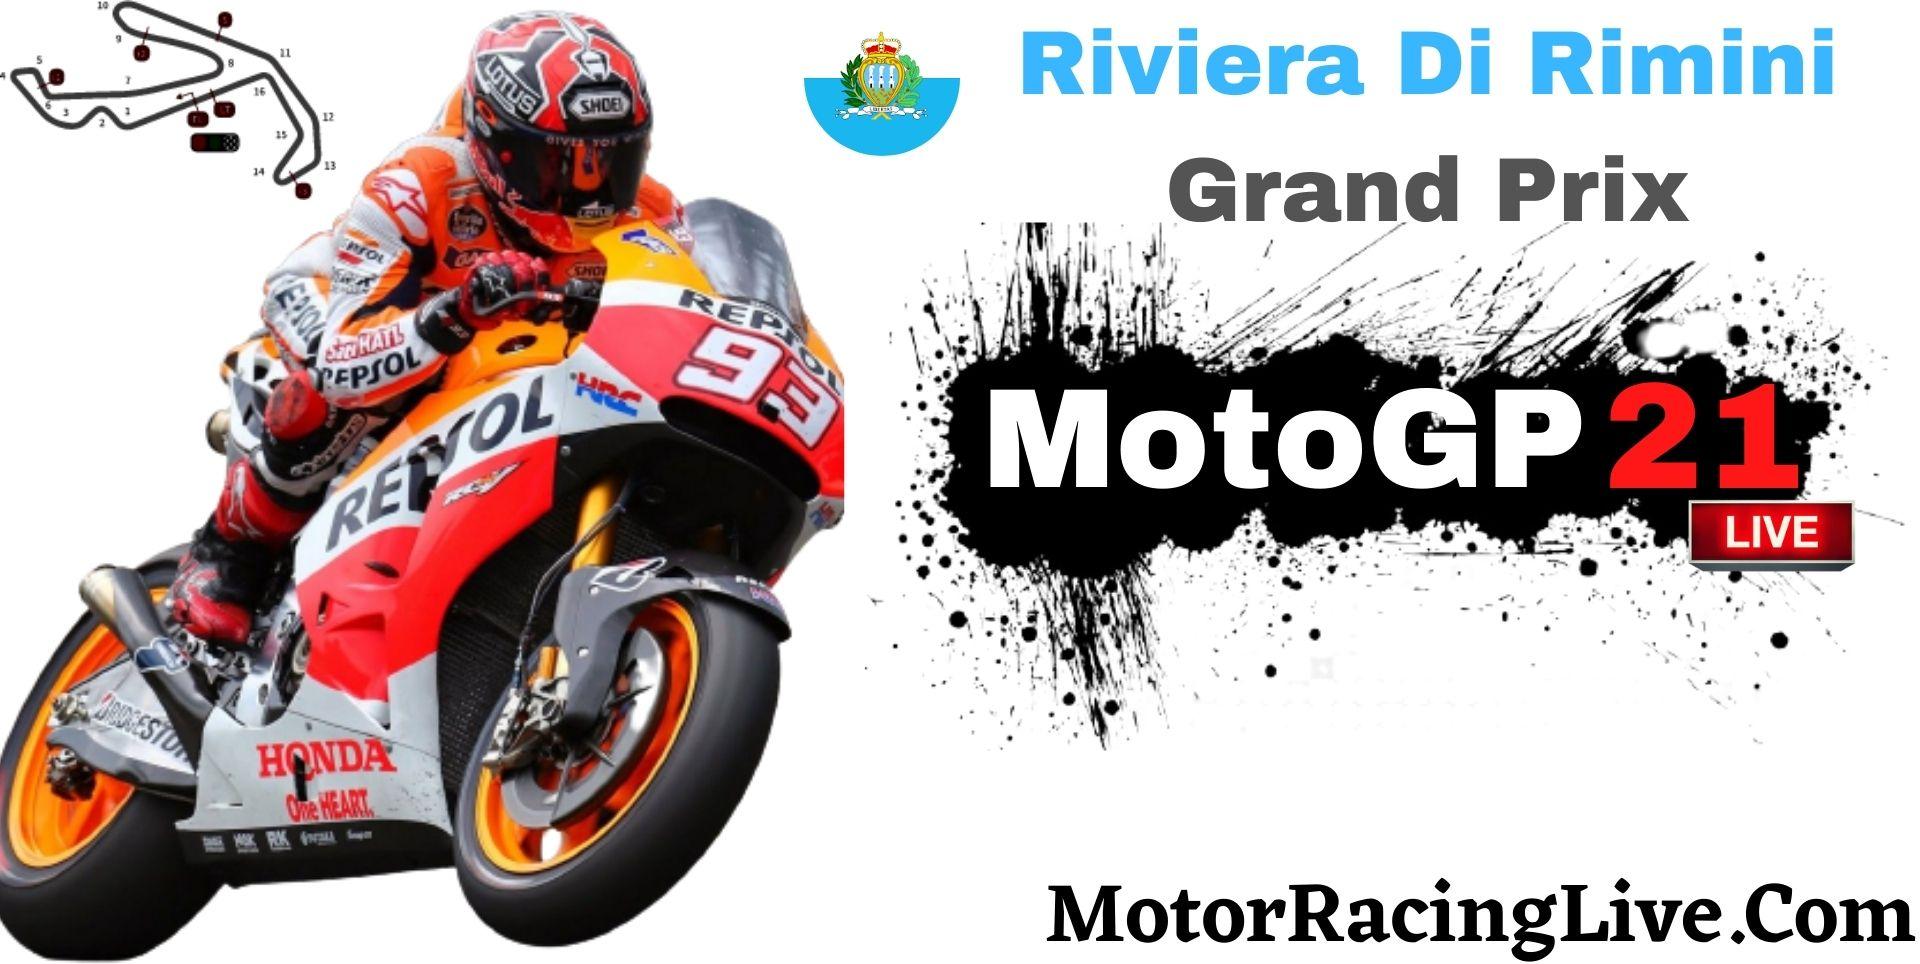 Riviera Di Rimini Grand Prix MotoGP 2021 Live | Full Race Replay